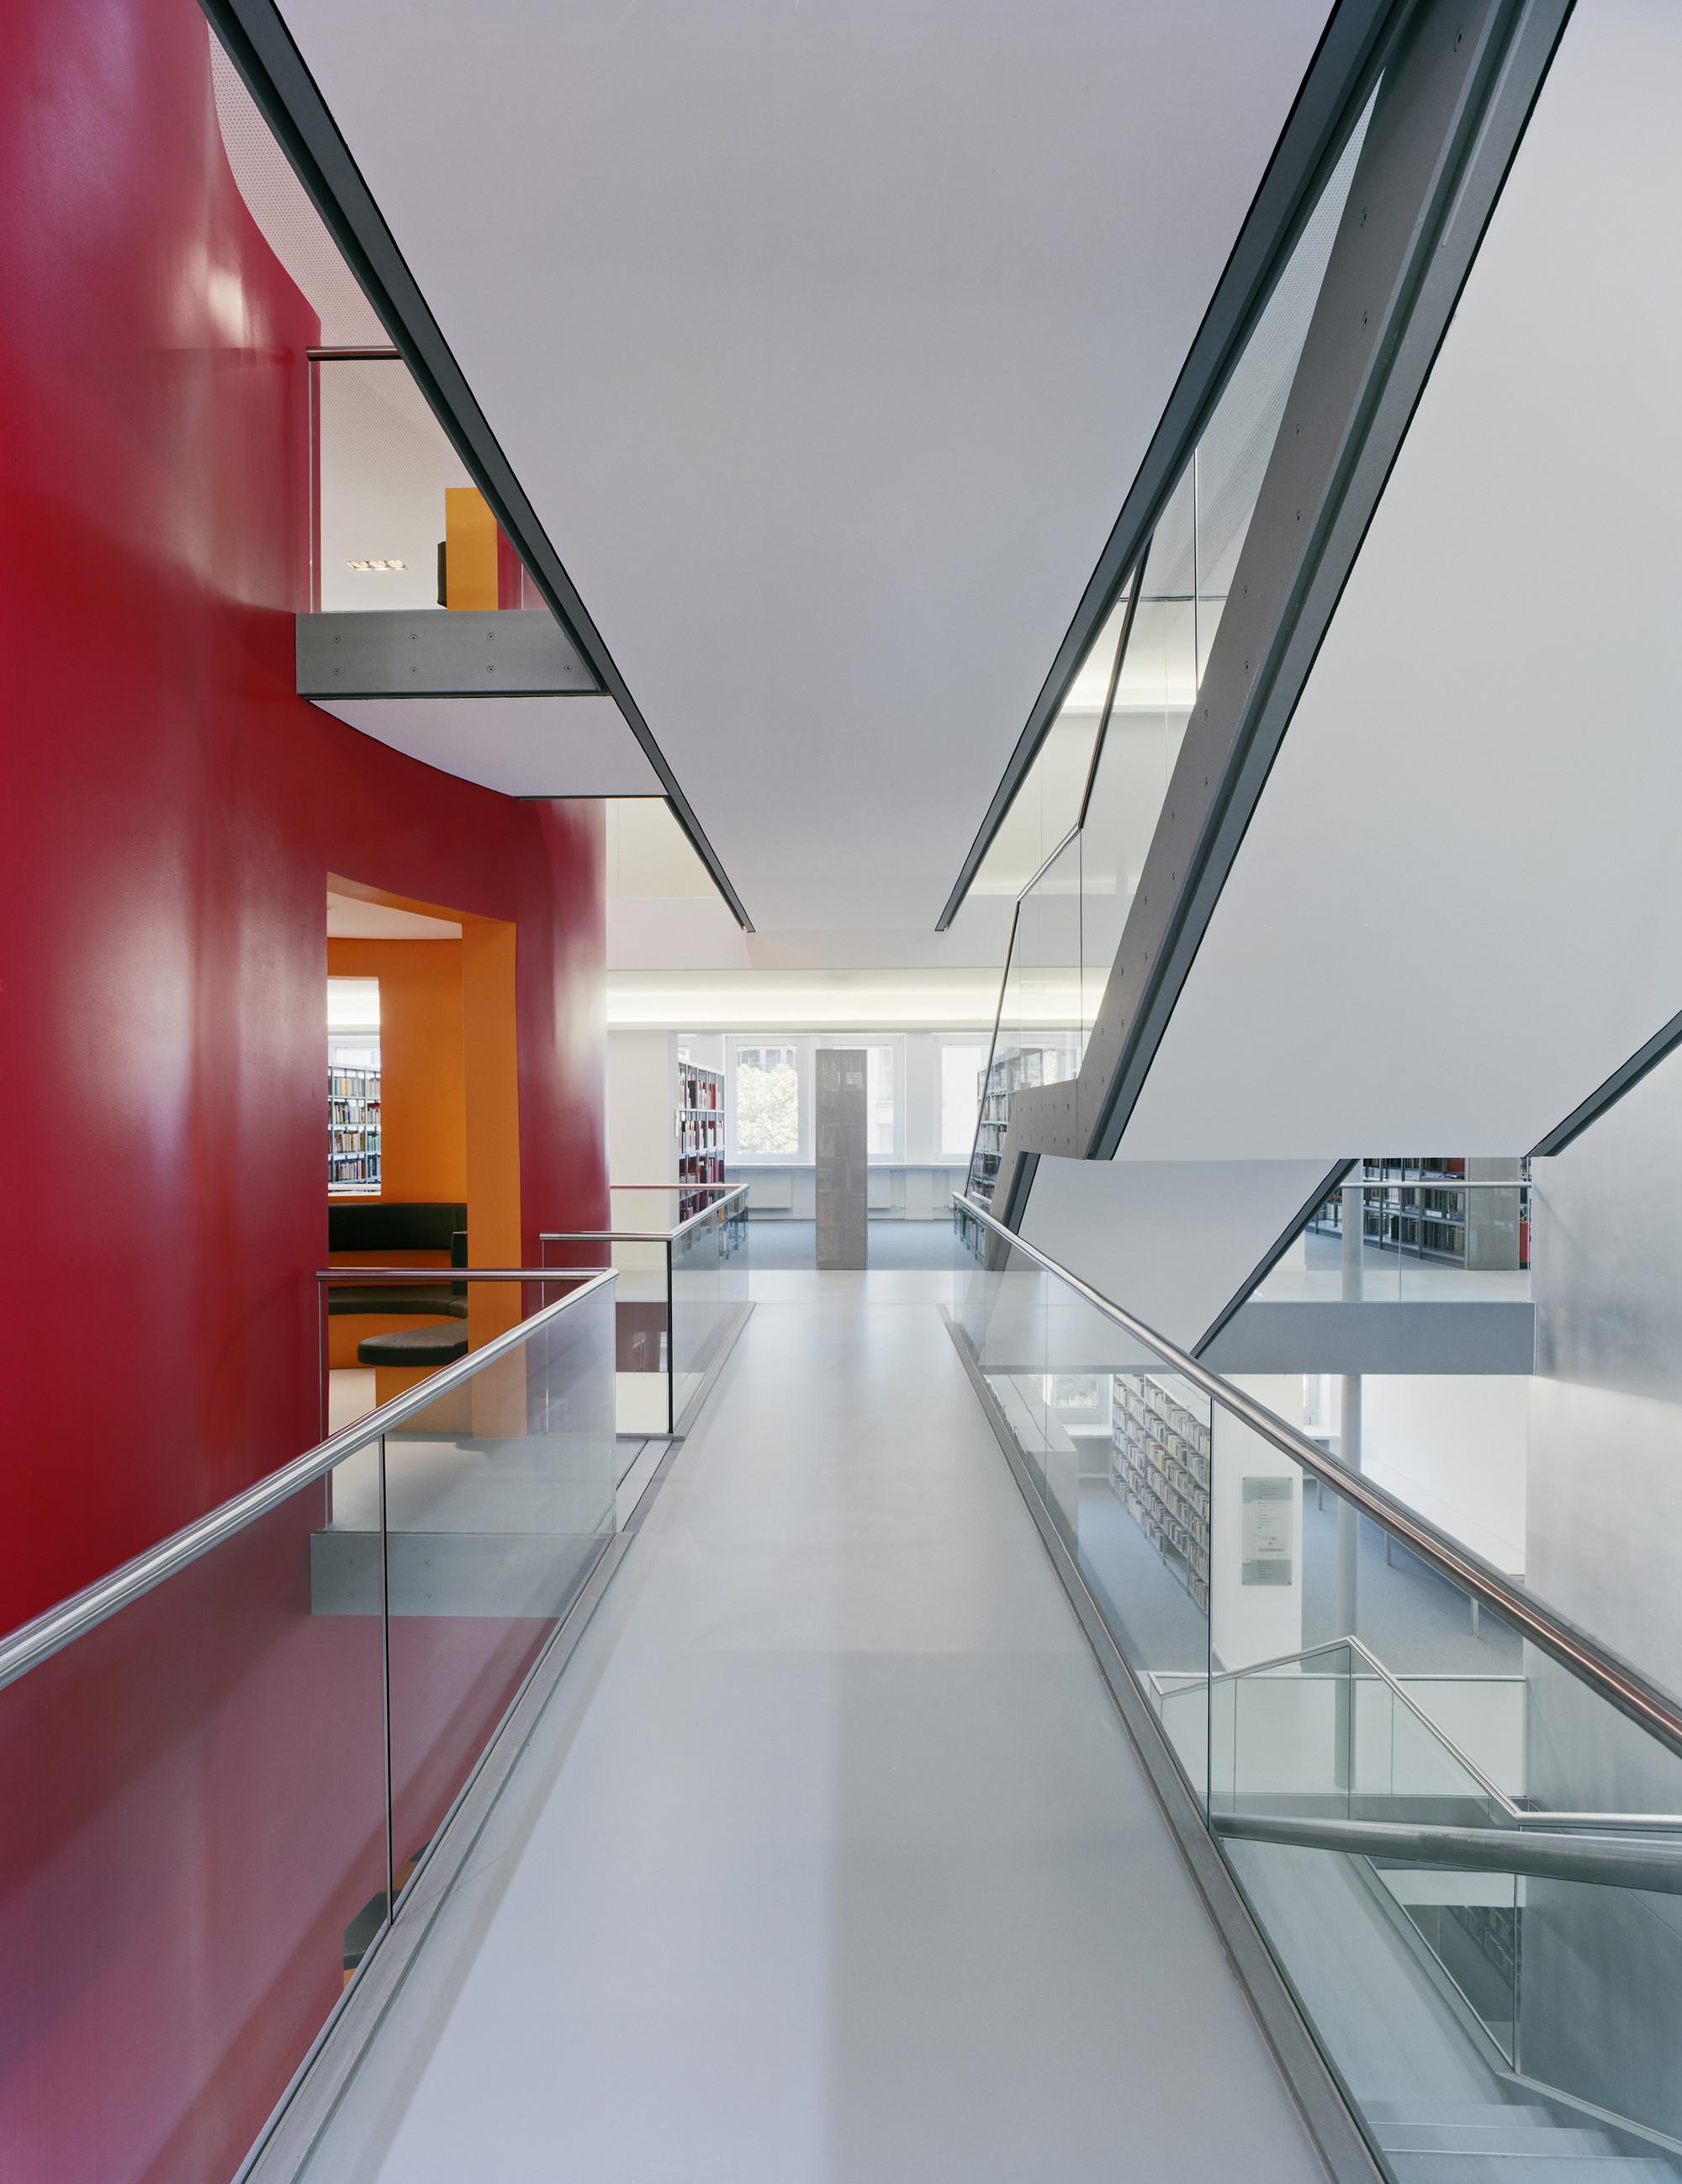 galer a de biblioteca municipal central ksp j rgen engel architekten 3. Black Bedroom Furniture Sets. Home Design Ideas